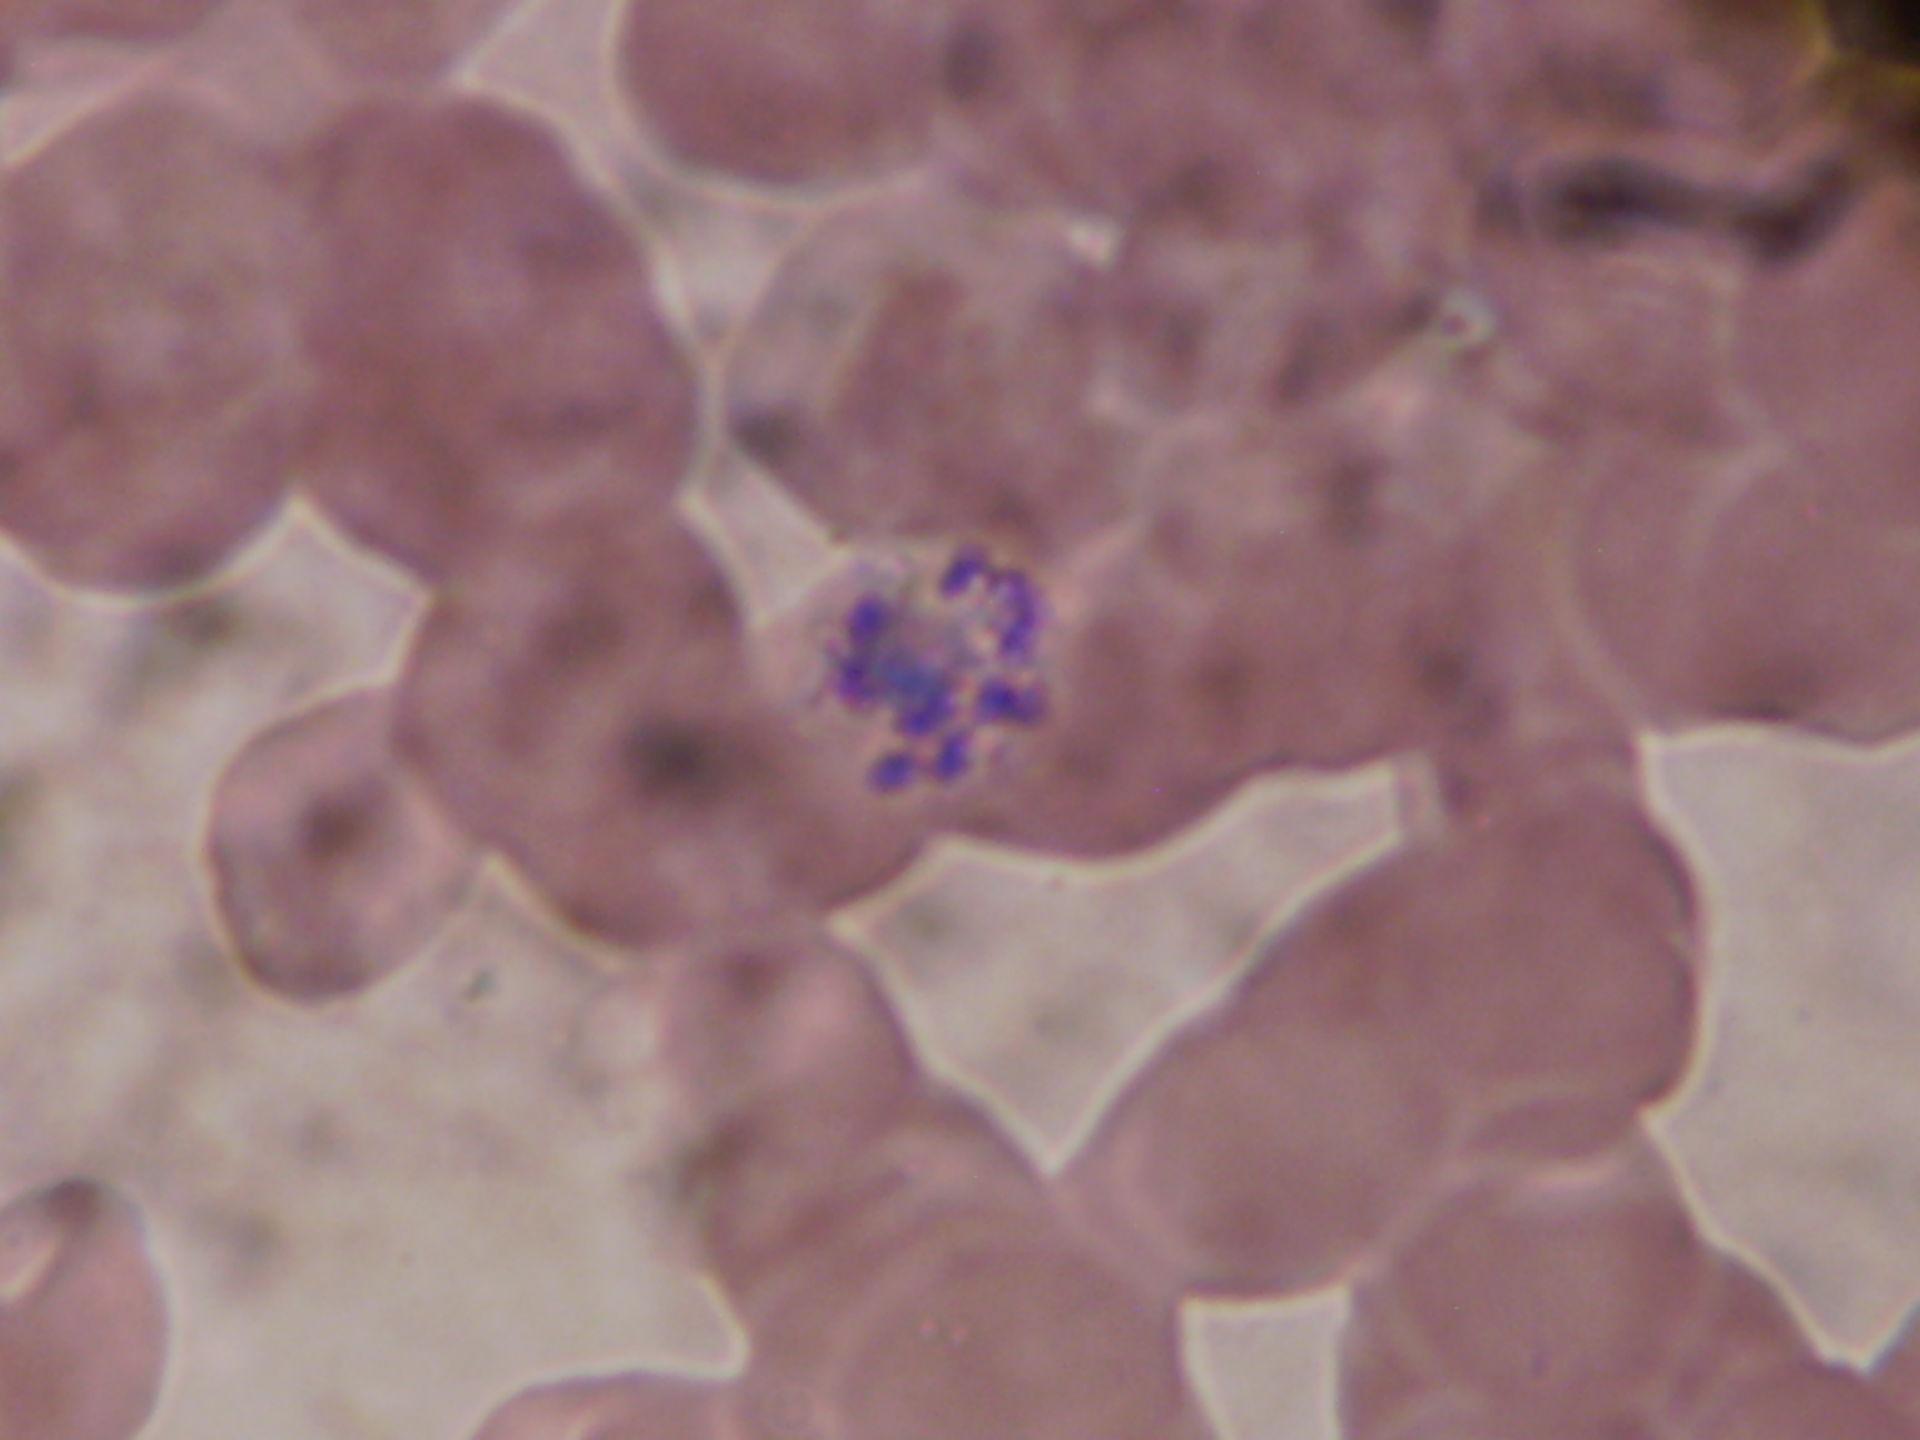 Plasmodium malariae Schizont f